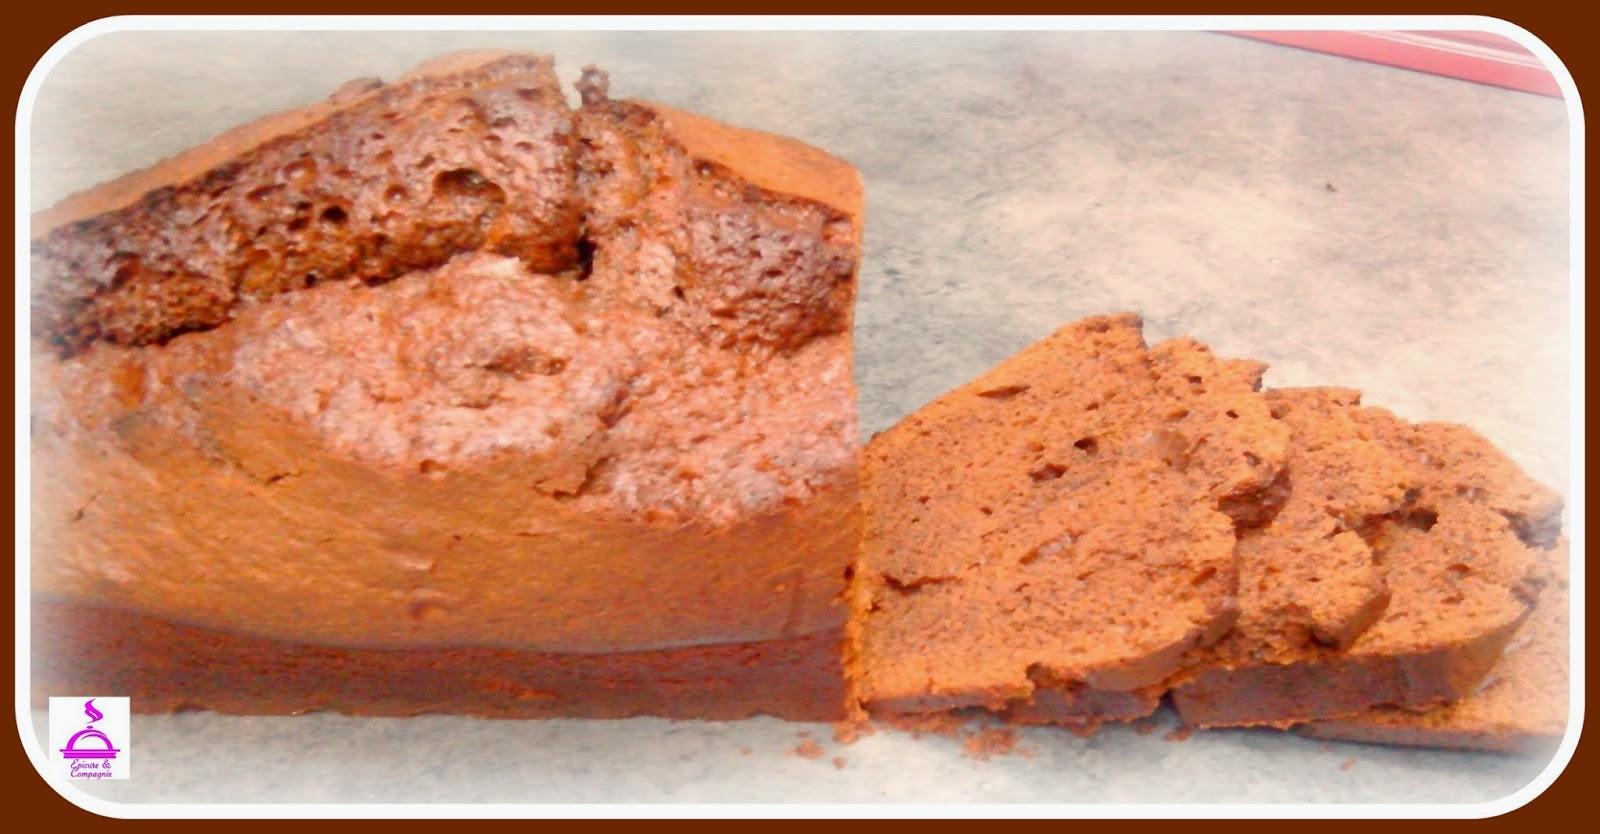 http://www.epicure-et-co.fr/quatre-quart-au-chocolat/